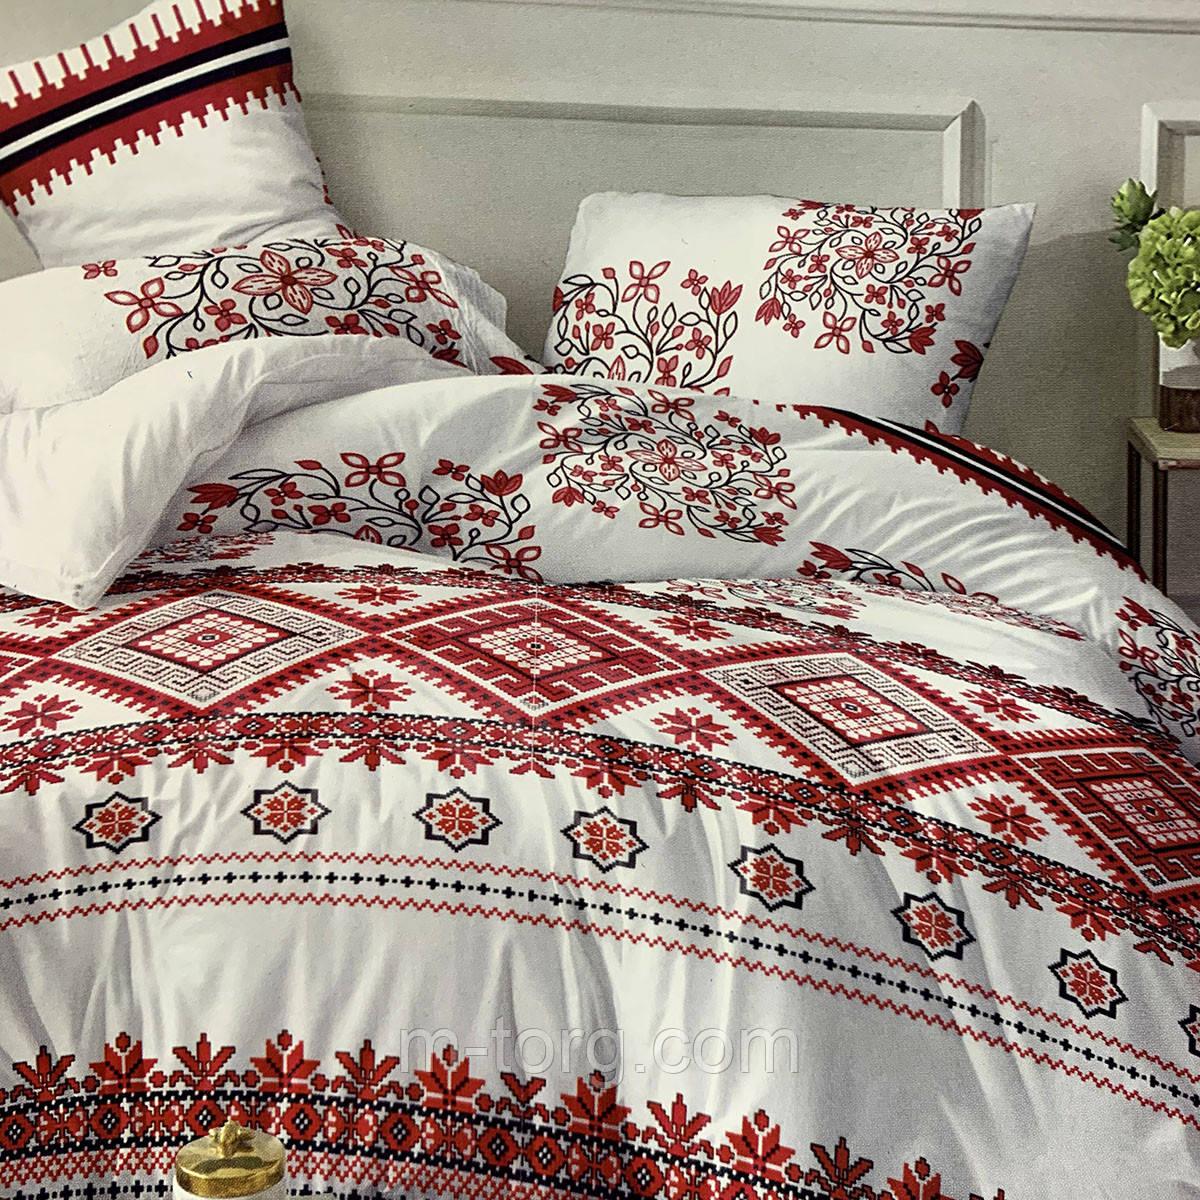 """""""вышиванки"""" комплект постельного белья двуспальный 180/210, нав-ки 70/70, ткань сатин, 100% состоит из хлопка"""